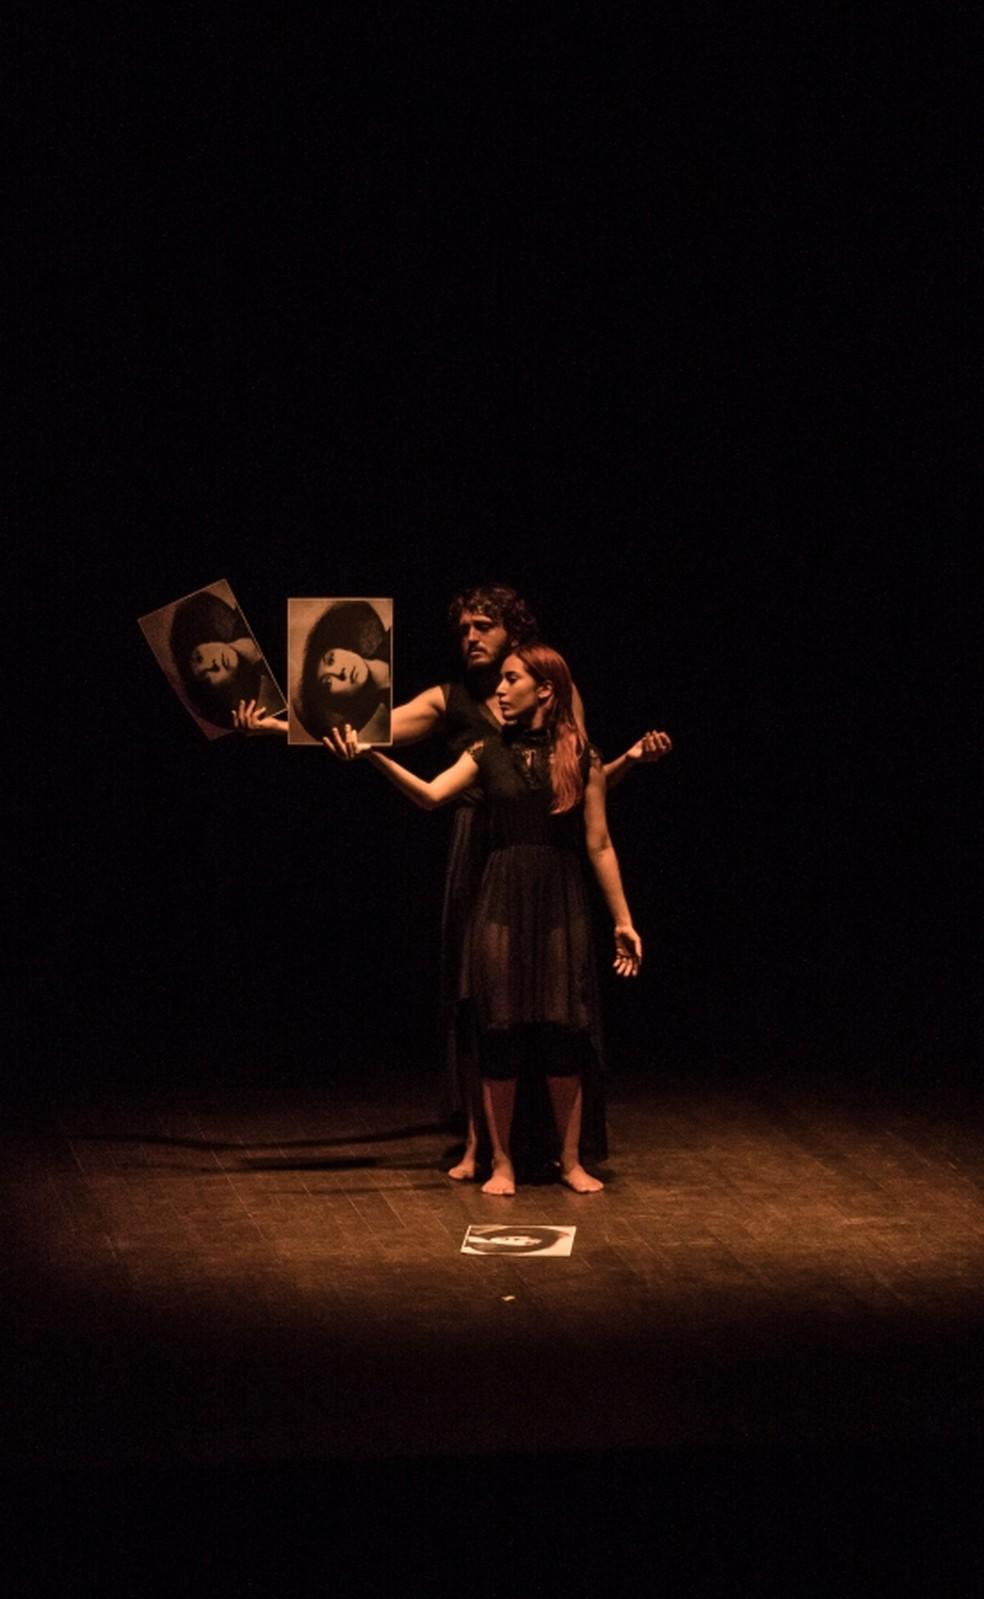 """Espetáculo """"Asja Lacis já não me escreve"""" é destaque nesta sexta-feira (13), no Dragão do Mar. (Foto: Angélica Maia/Divulgação)"""